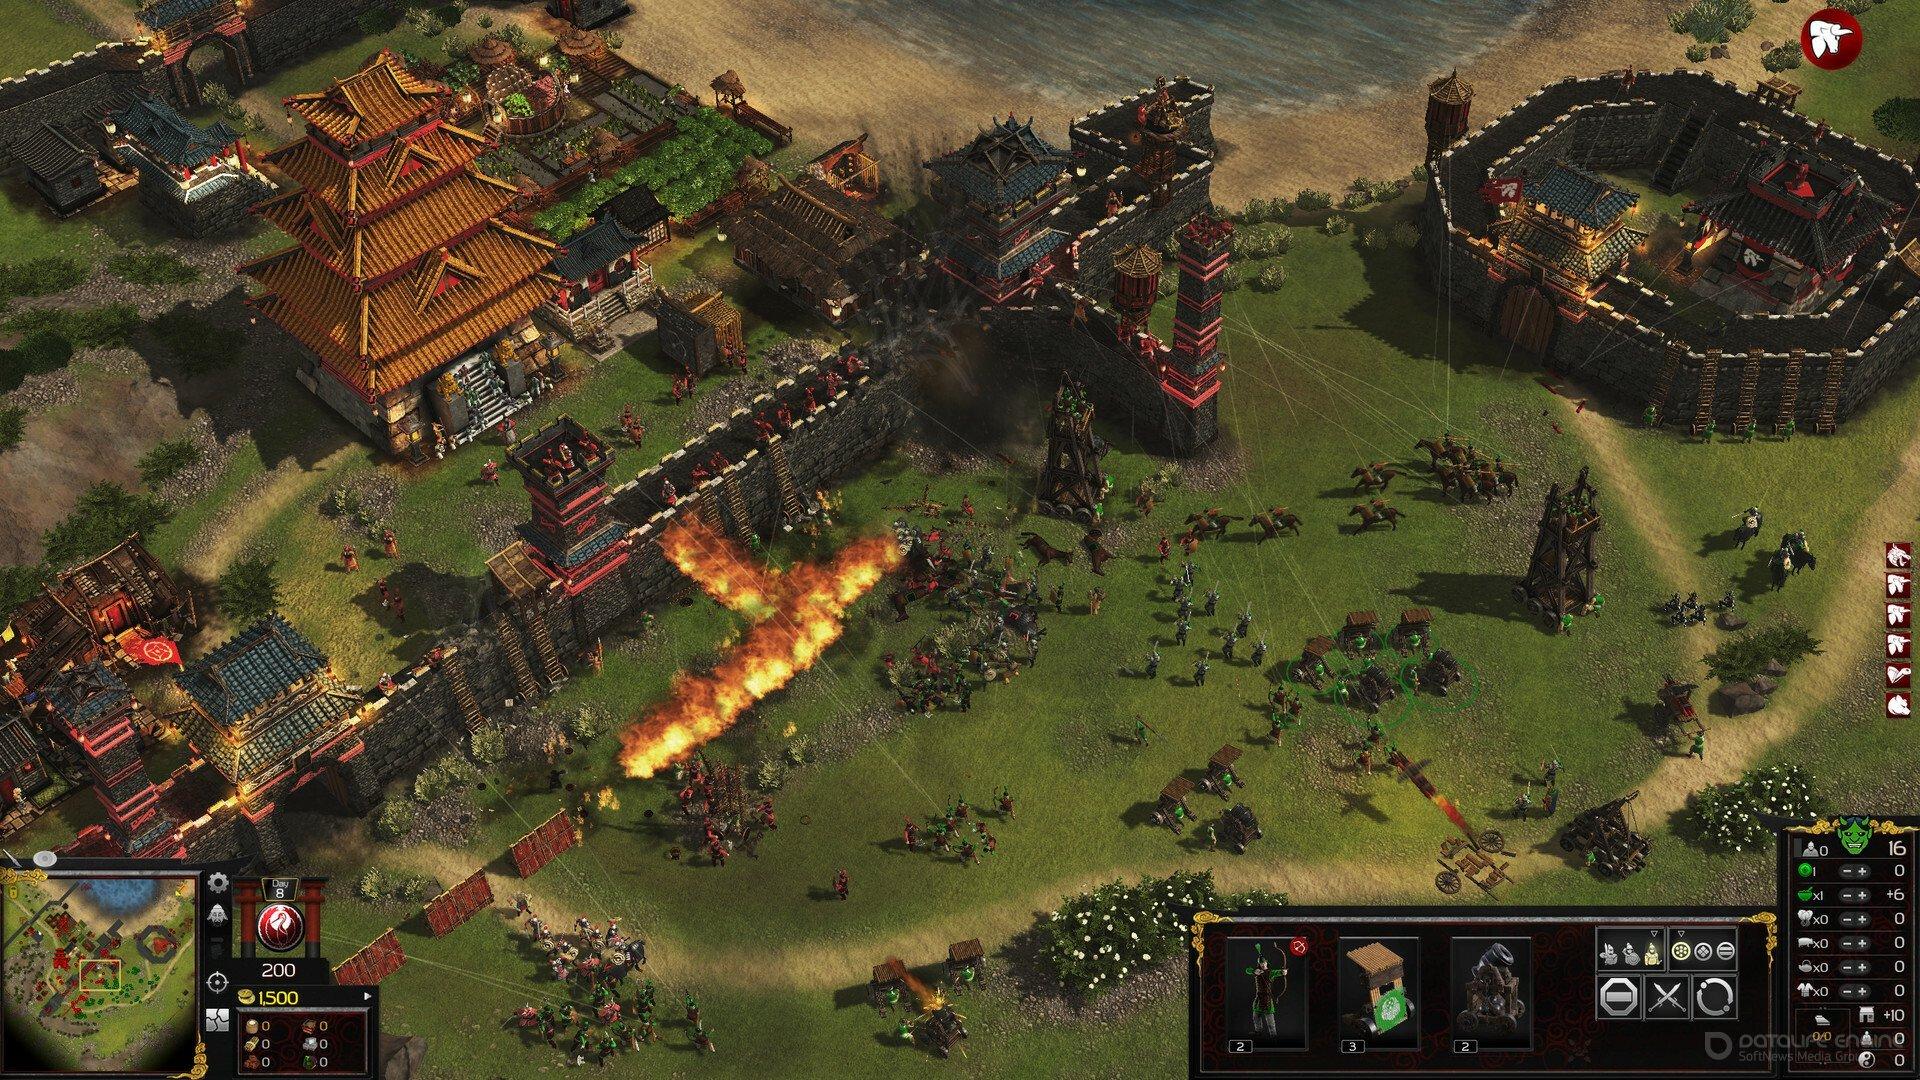 Скриншот к игре Stronghold: Warlords v.1.0.19584.7 [GOG] (2021) скачать торрент Лицензия